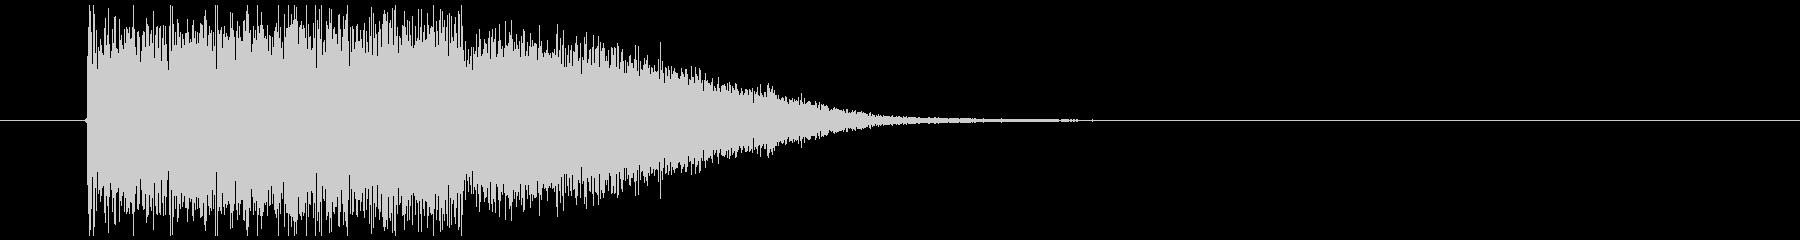 金属系インパクト音の未再生の波形